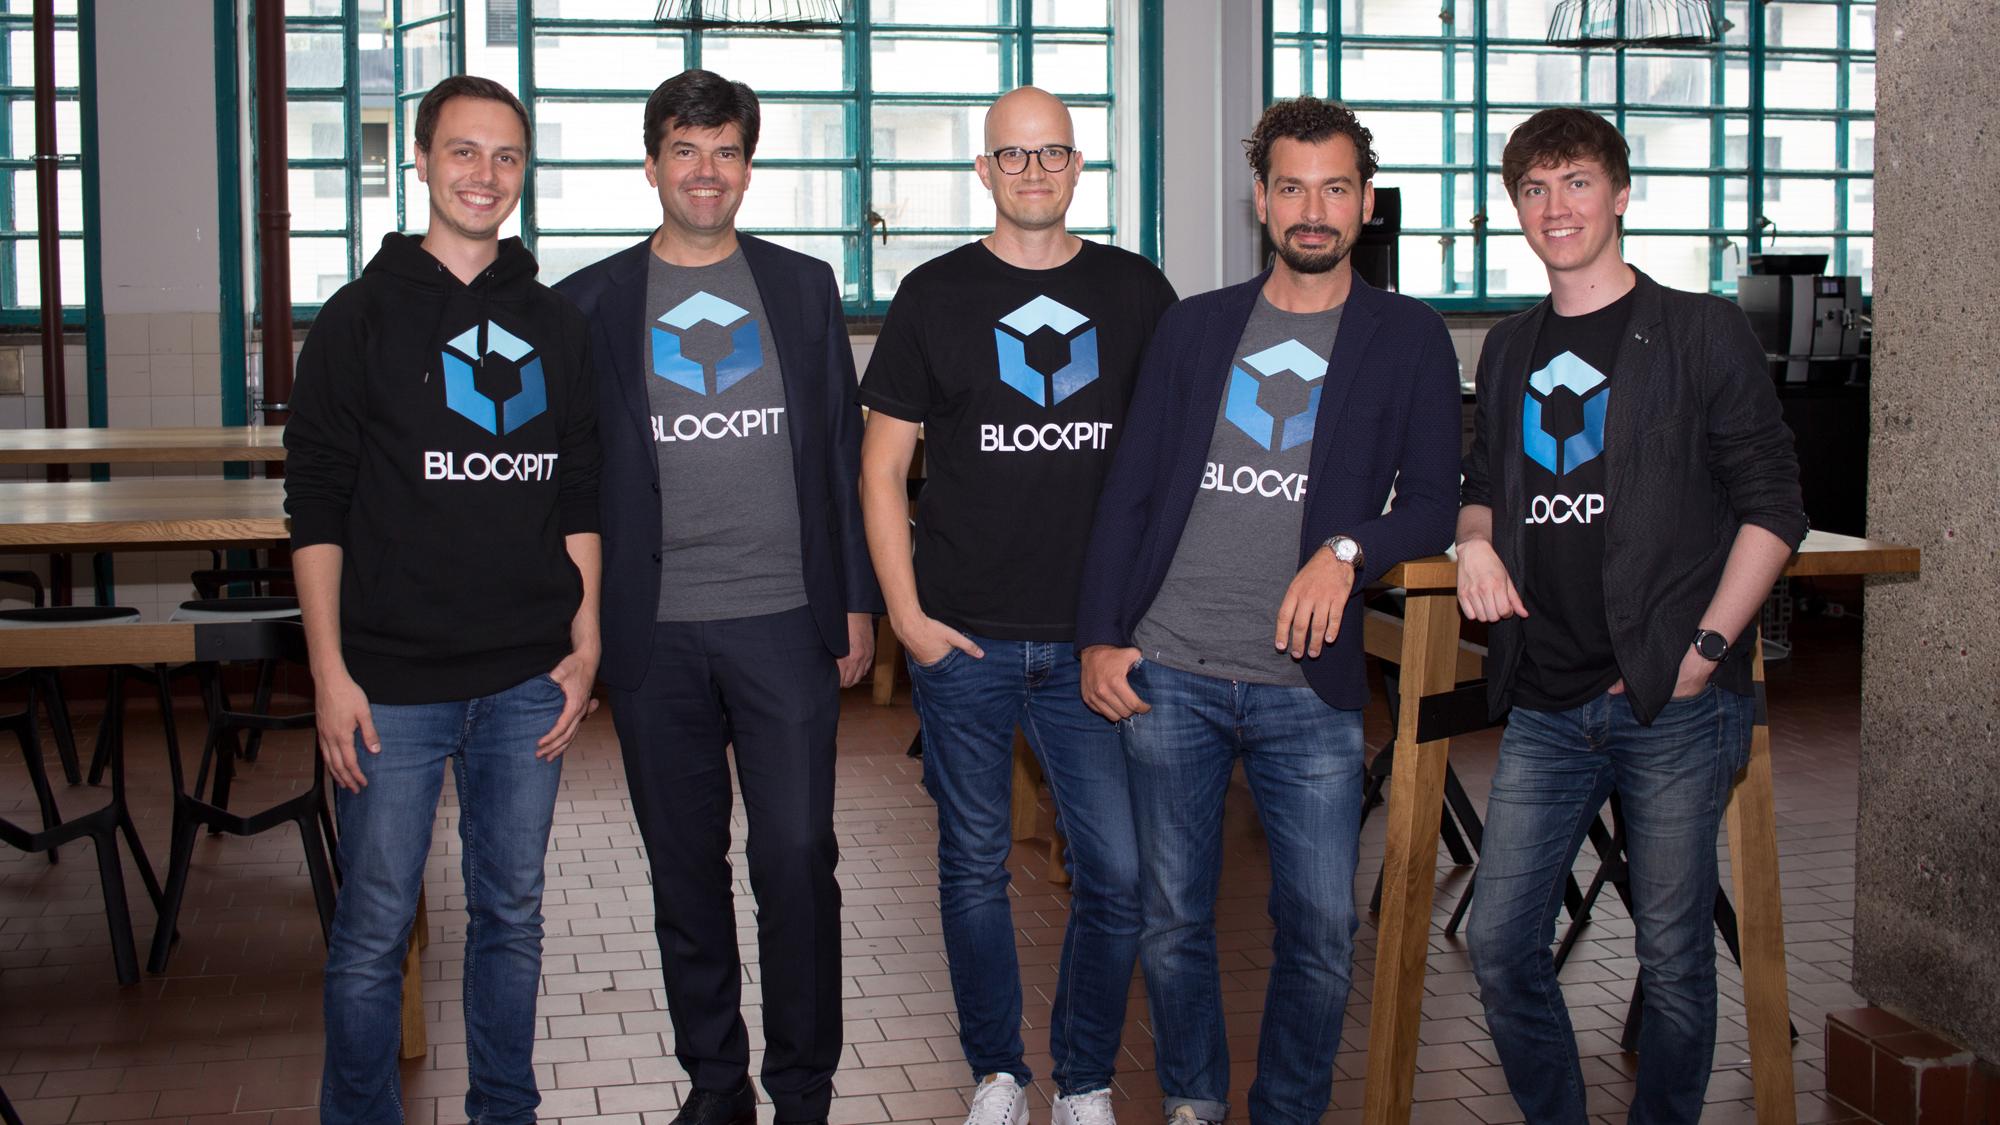 Das Blockpit-Team in der Linzer Tabakfabrik. © Blockpit